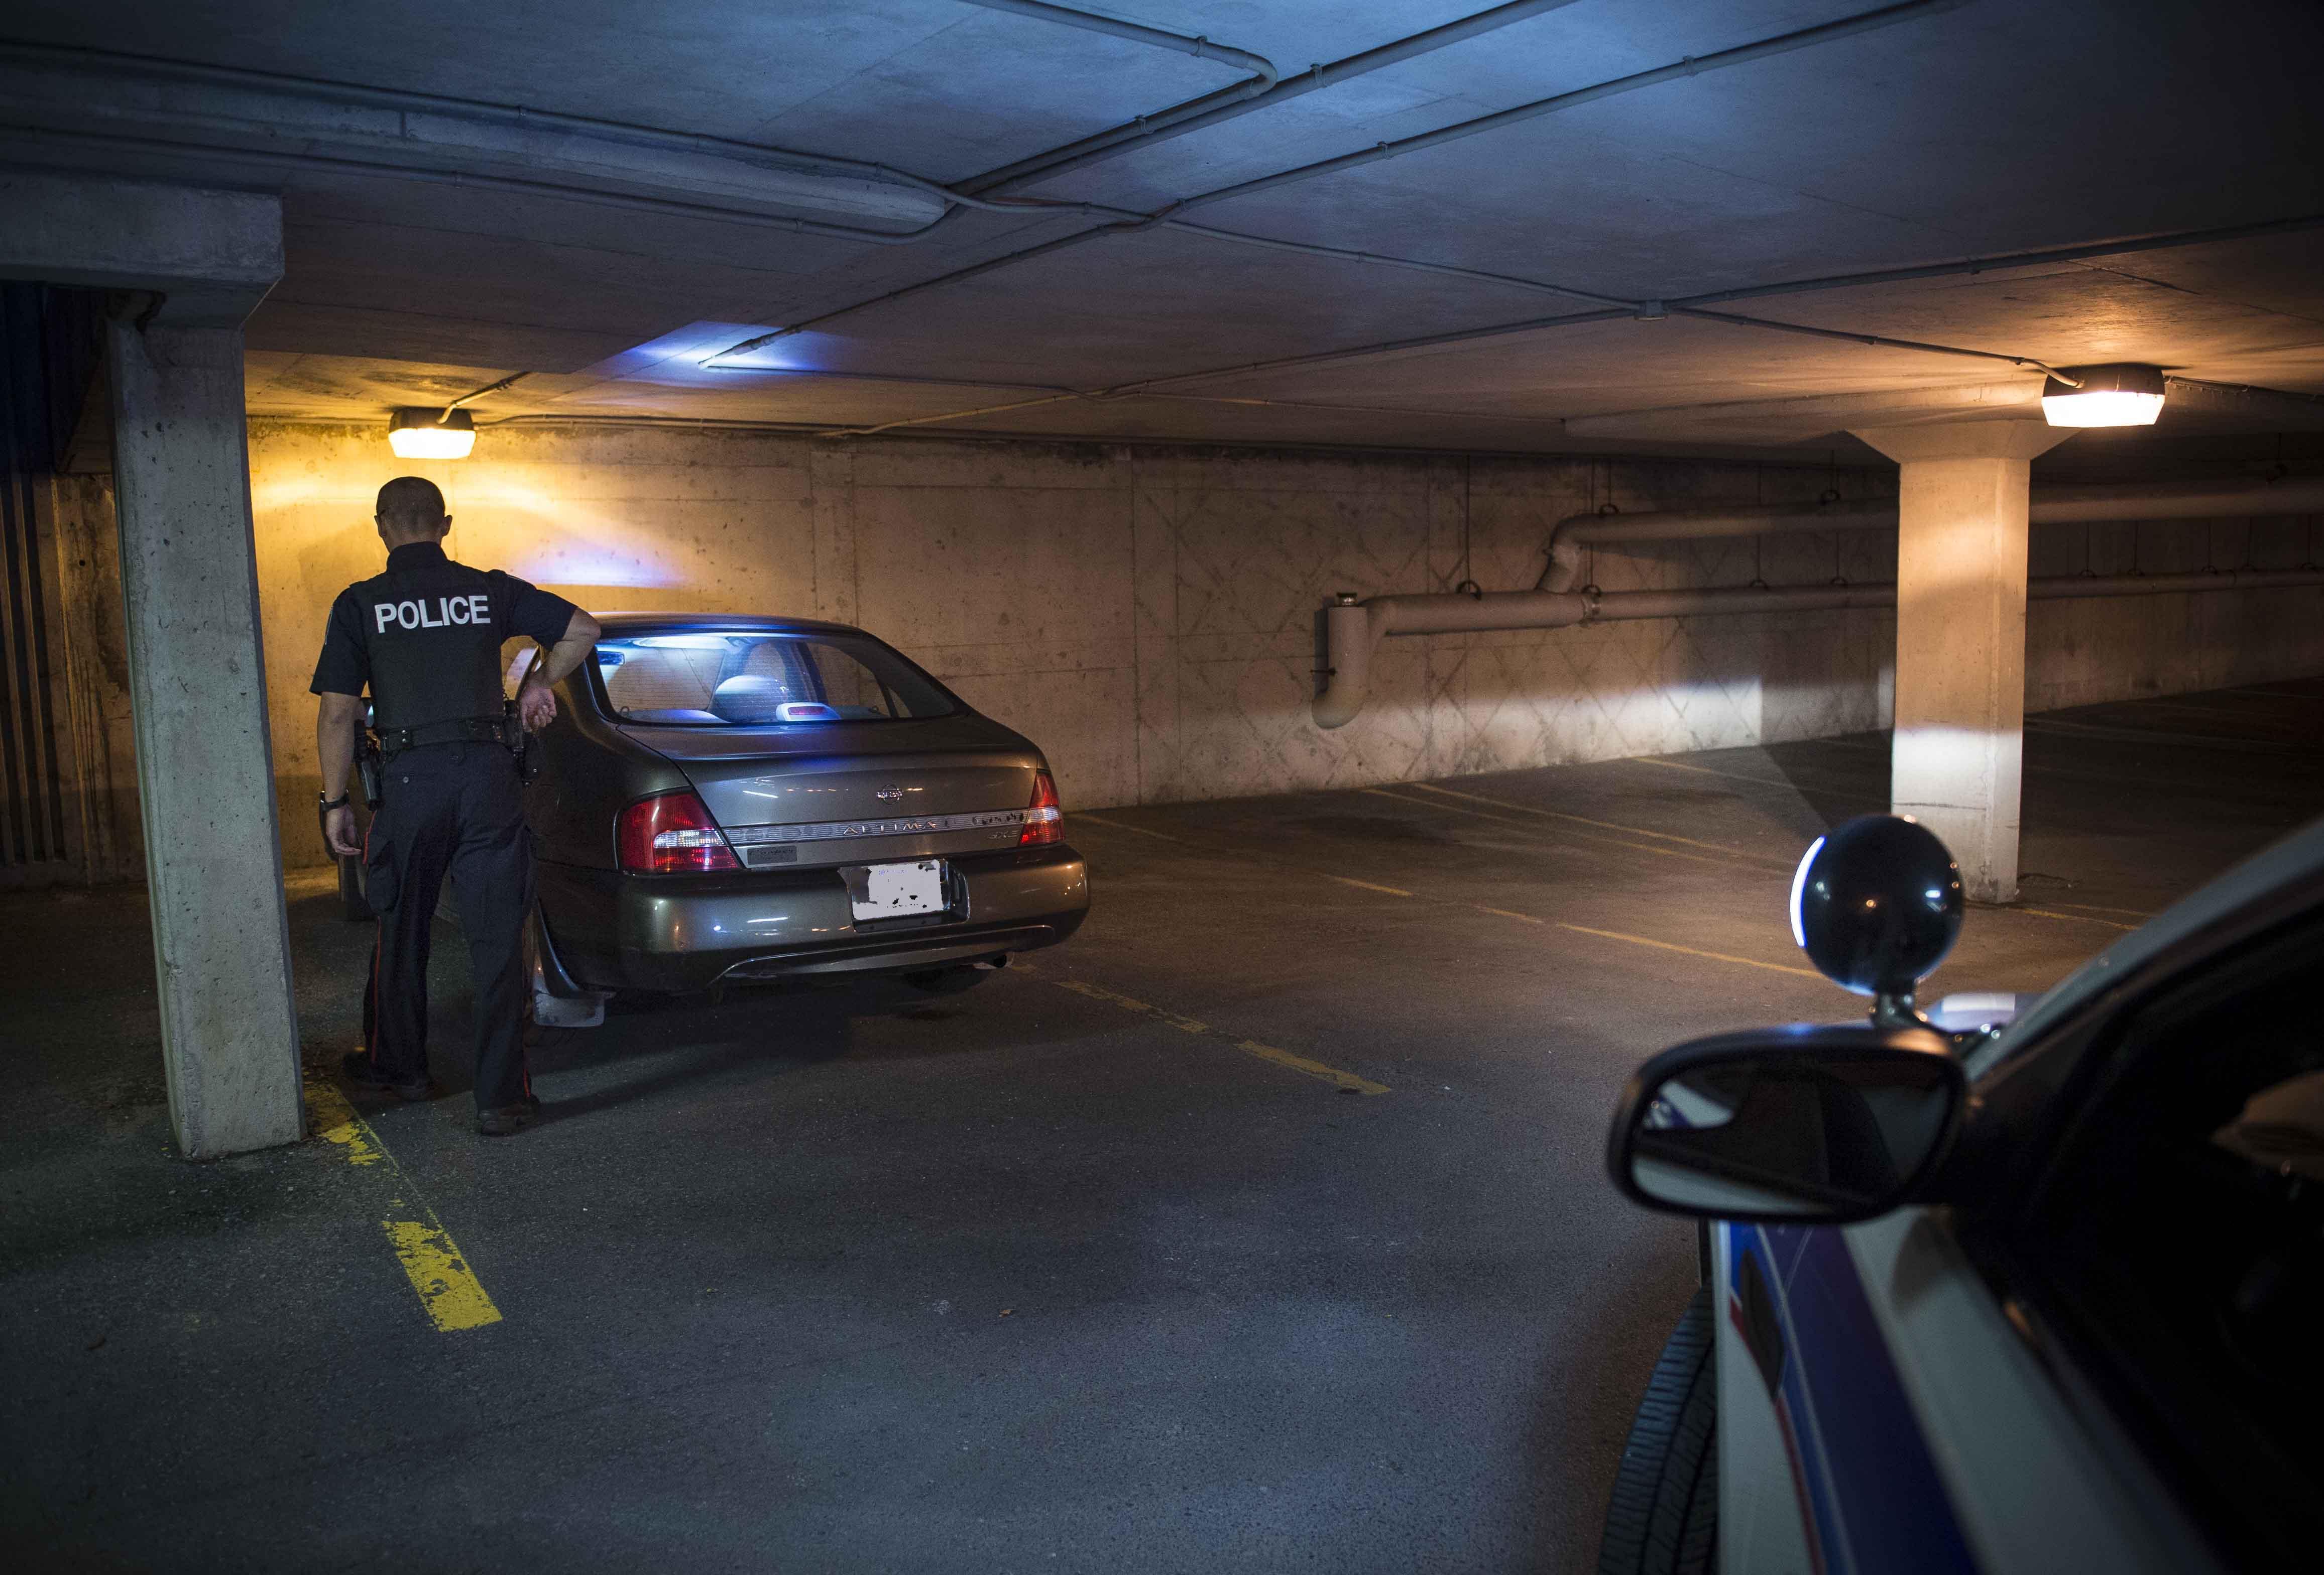 L'agent Dakota Bashford, qui compte quatre ans au sein du Service de police d'Ottawa, patrouillait au centre-ville, vérifiant les aires de stationnement, lorsqu'il perçut un bruit qui ressemblait à des sanglots